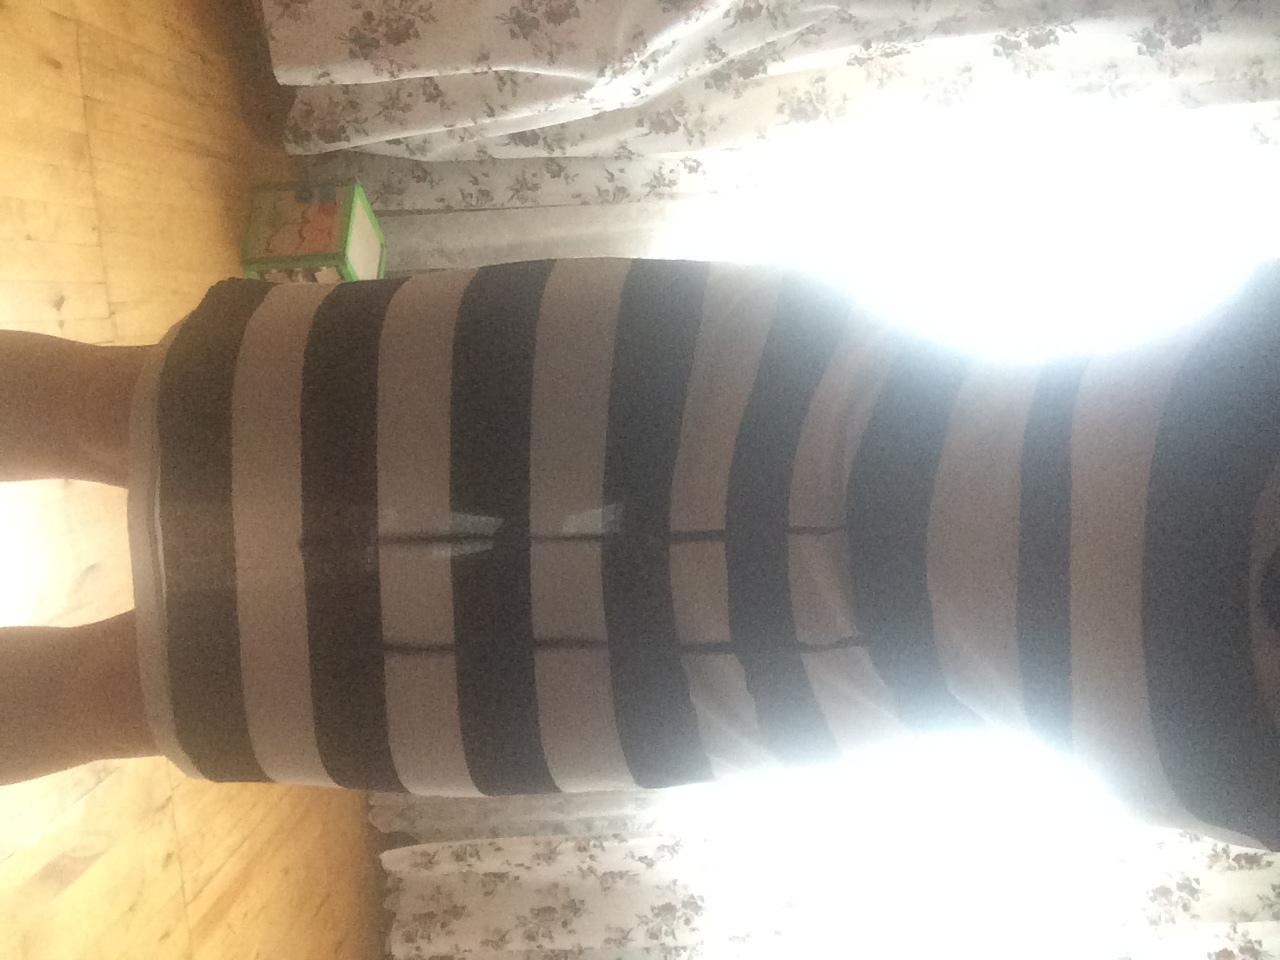 Фото когда у девушки видны трусы через платье, порно фото гетеротрофы